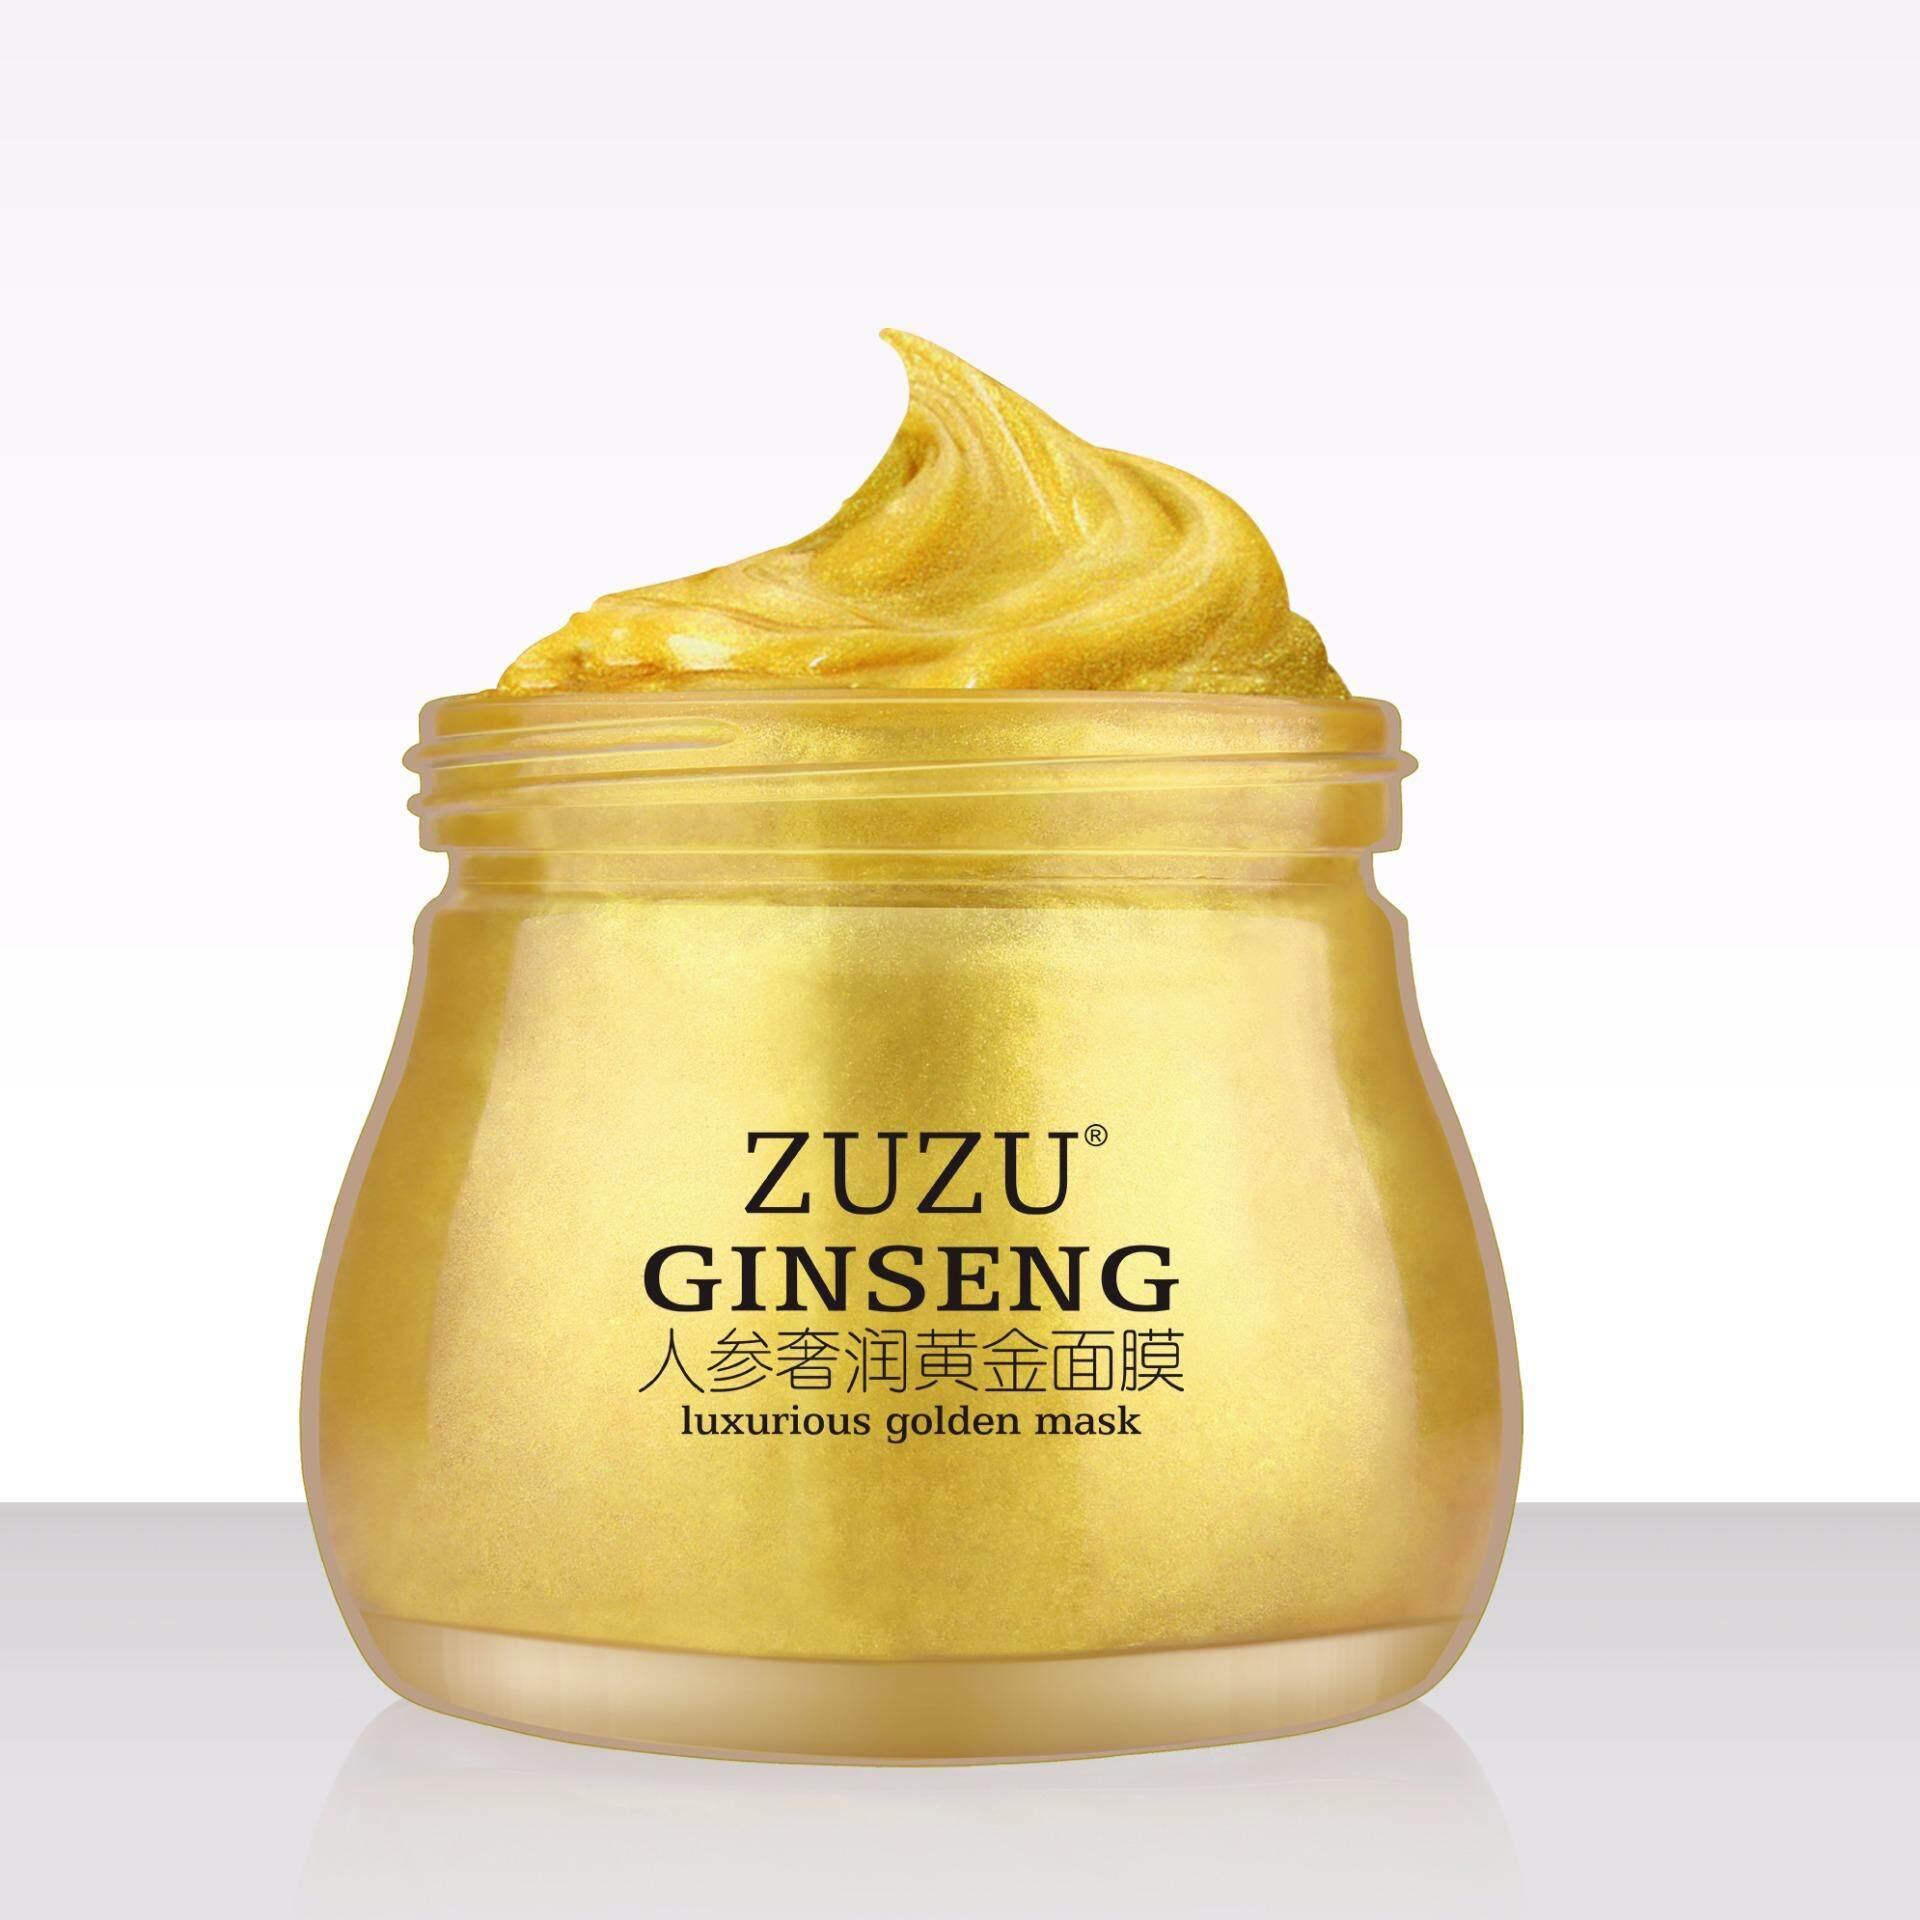 Zuzu Gold Ginseng Peel Off Mask